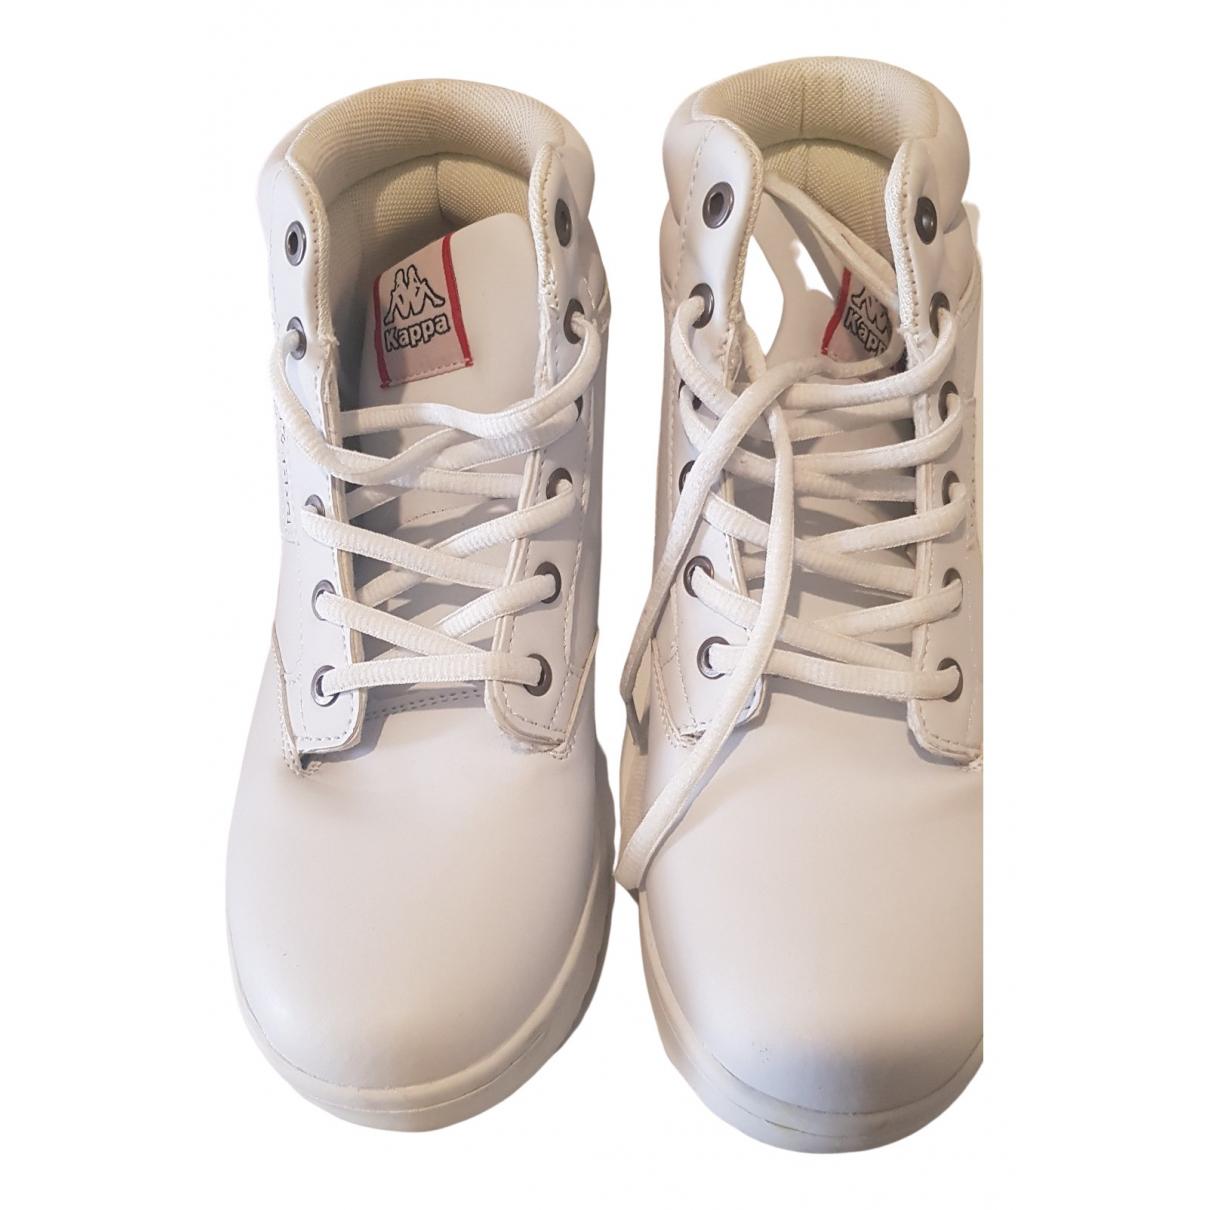 Kappa \N Sneakers in  Weiss Lackleder